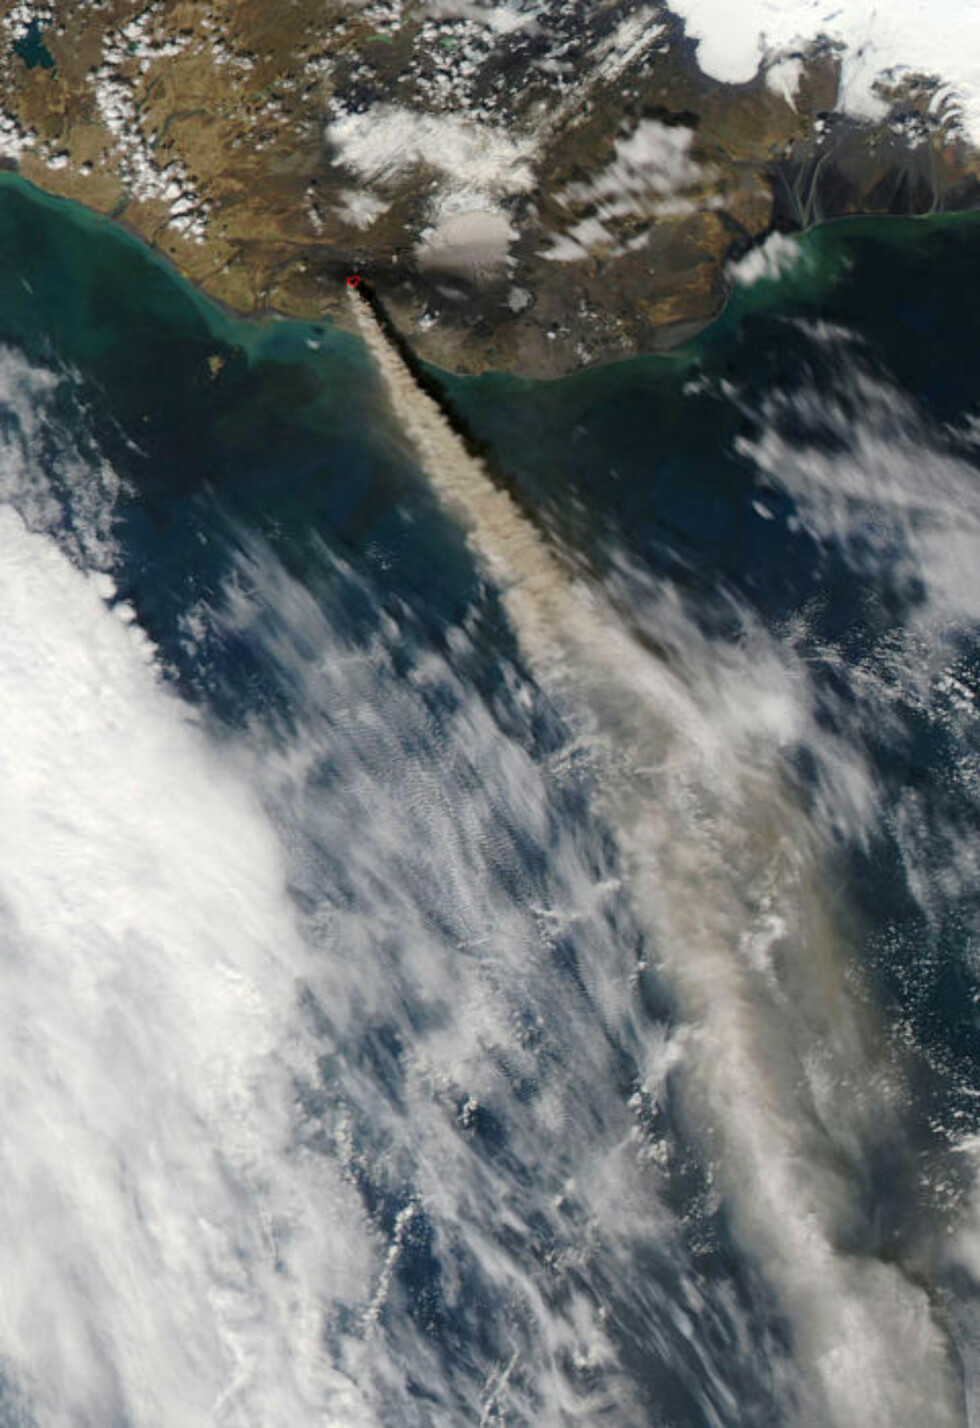 HØYT OG LANGT: Partikler fra utbruddet ble skutt høyt opp i atmosfæren og kunne dermed bevege seg over lange avstander. Foto: AFP/NASA/SCANPIX